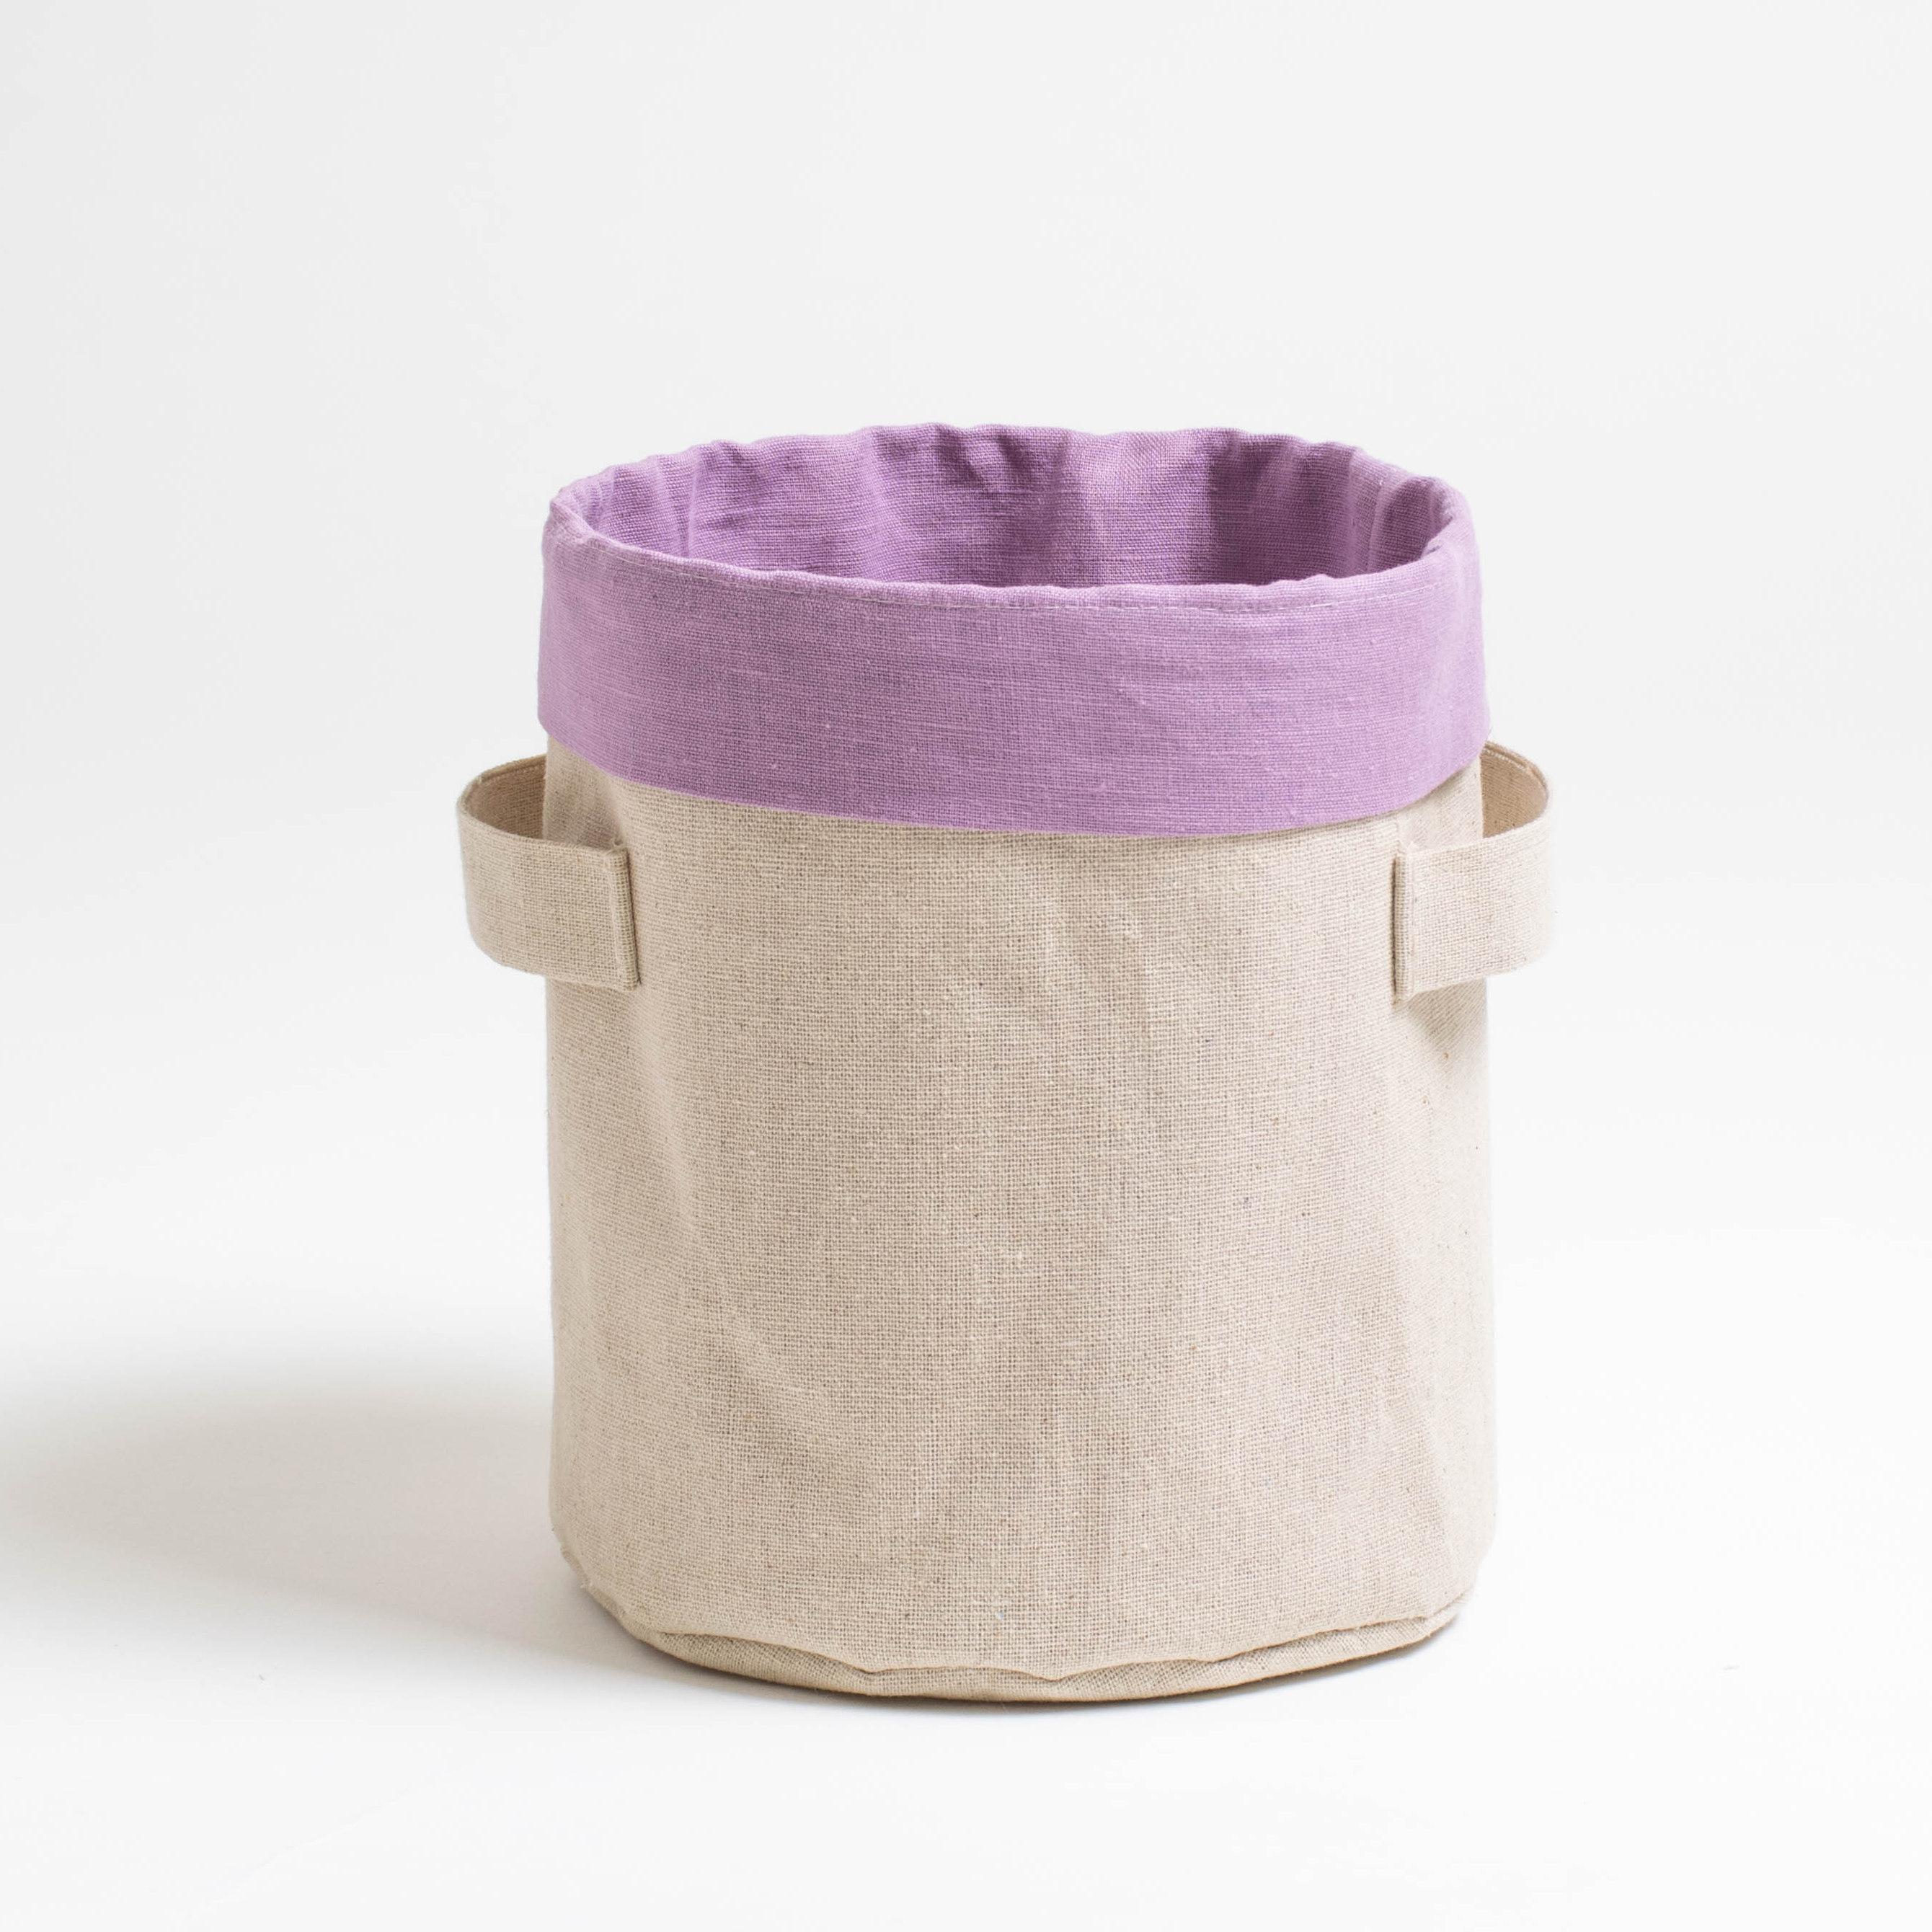 Короб круглый ПровансАксессуары для кухни<br>Короб «Прованс» - прекрасное решение как для использования на кухне-столовой, так и поддержания порядка в шкафчиках.<br><br>Внешняя сторона короба из сурового льна, внутренний чехол приятного сиреневого цвета, это натуральная смесовая ткань – сочетание хлопка и льна. Благодаря экоматериалам использованным в изготовлении данного короба, его можно как для сервировки стола использовать, например, для подачи хлеба, так и для поддержания порядка в комнатах.<br><br>Зарядки для телефонов, клубочки для вязания, мелкие пазлы для создания картин – всё это и много другое можно хранить в удобных коробах «Прованс».<br><br>Material: Хлопок<br>Высота см: 20